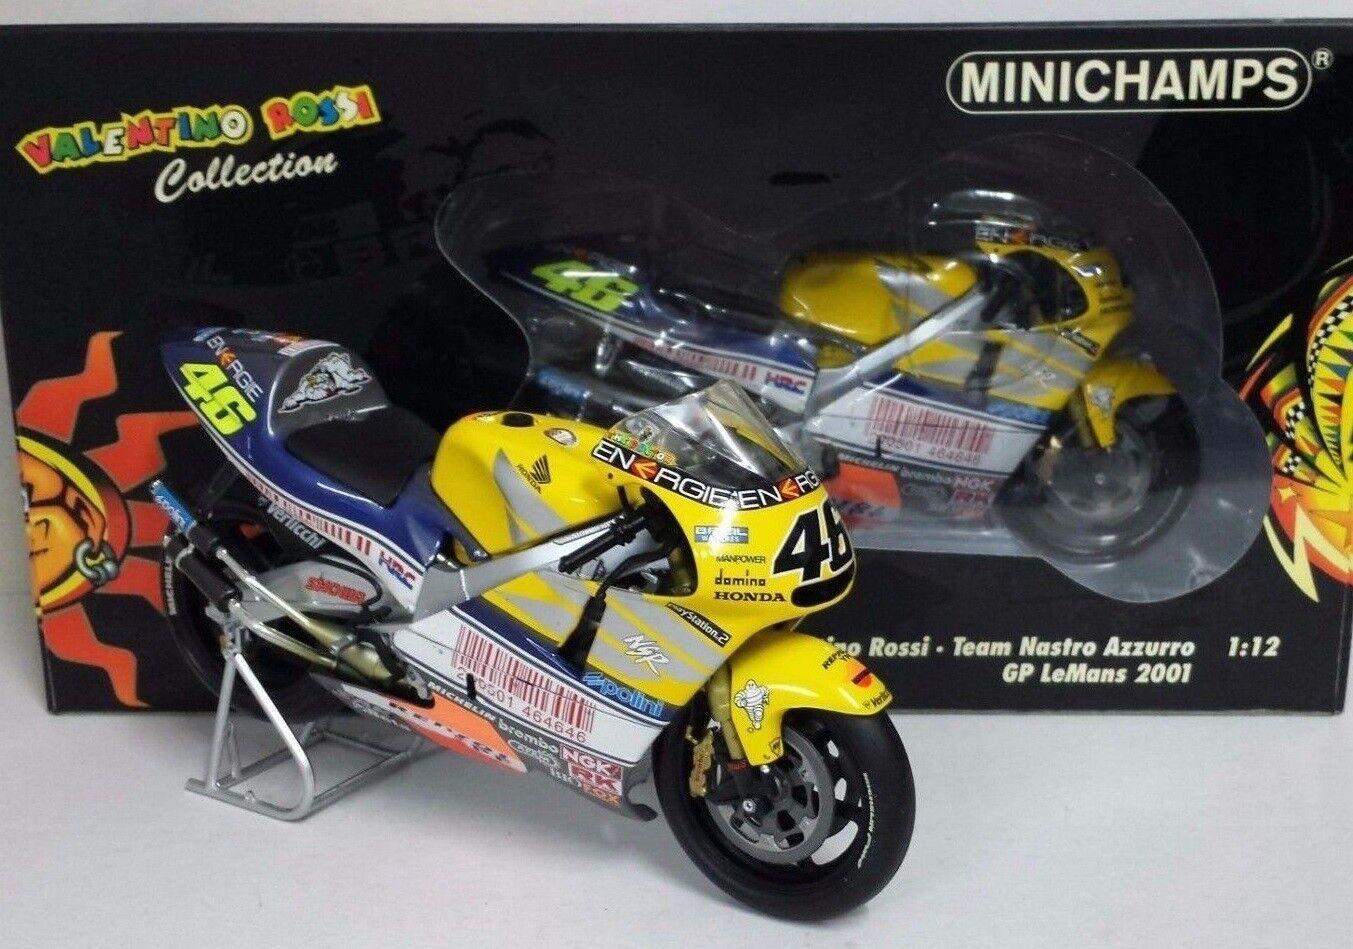 MINICHAMPS 016176  HONDA NSR500 Valentino Rossi Team Nastro Azzurro GP 2001 1 12  pas de taxes